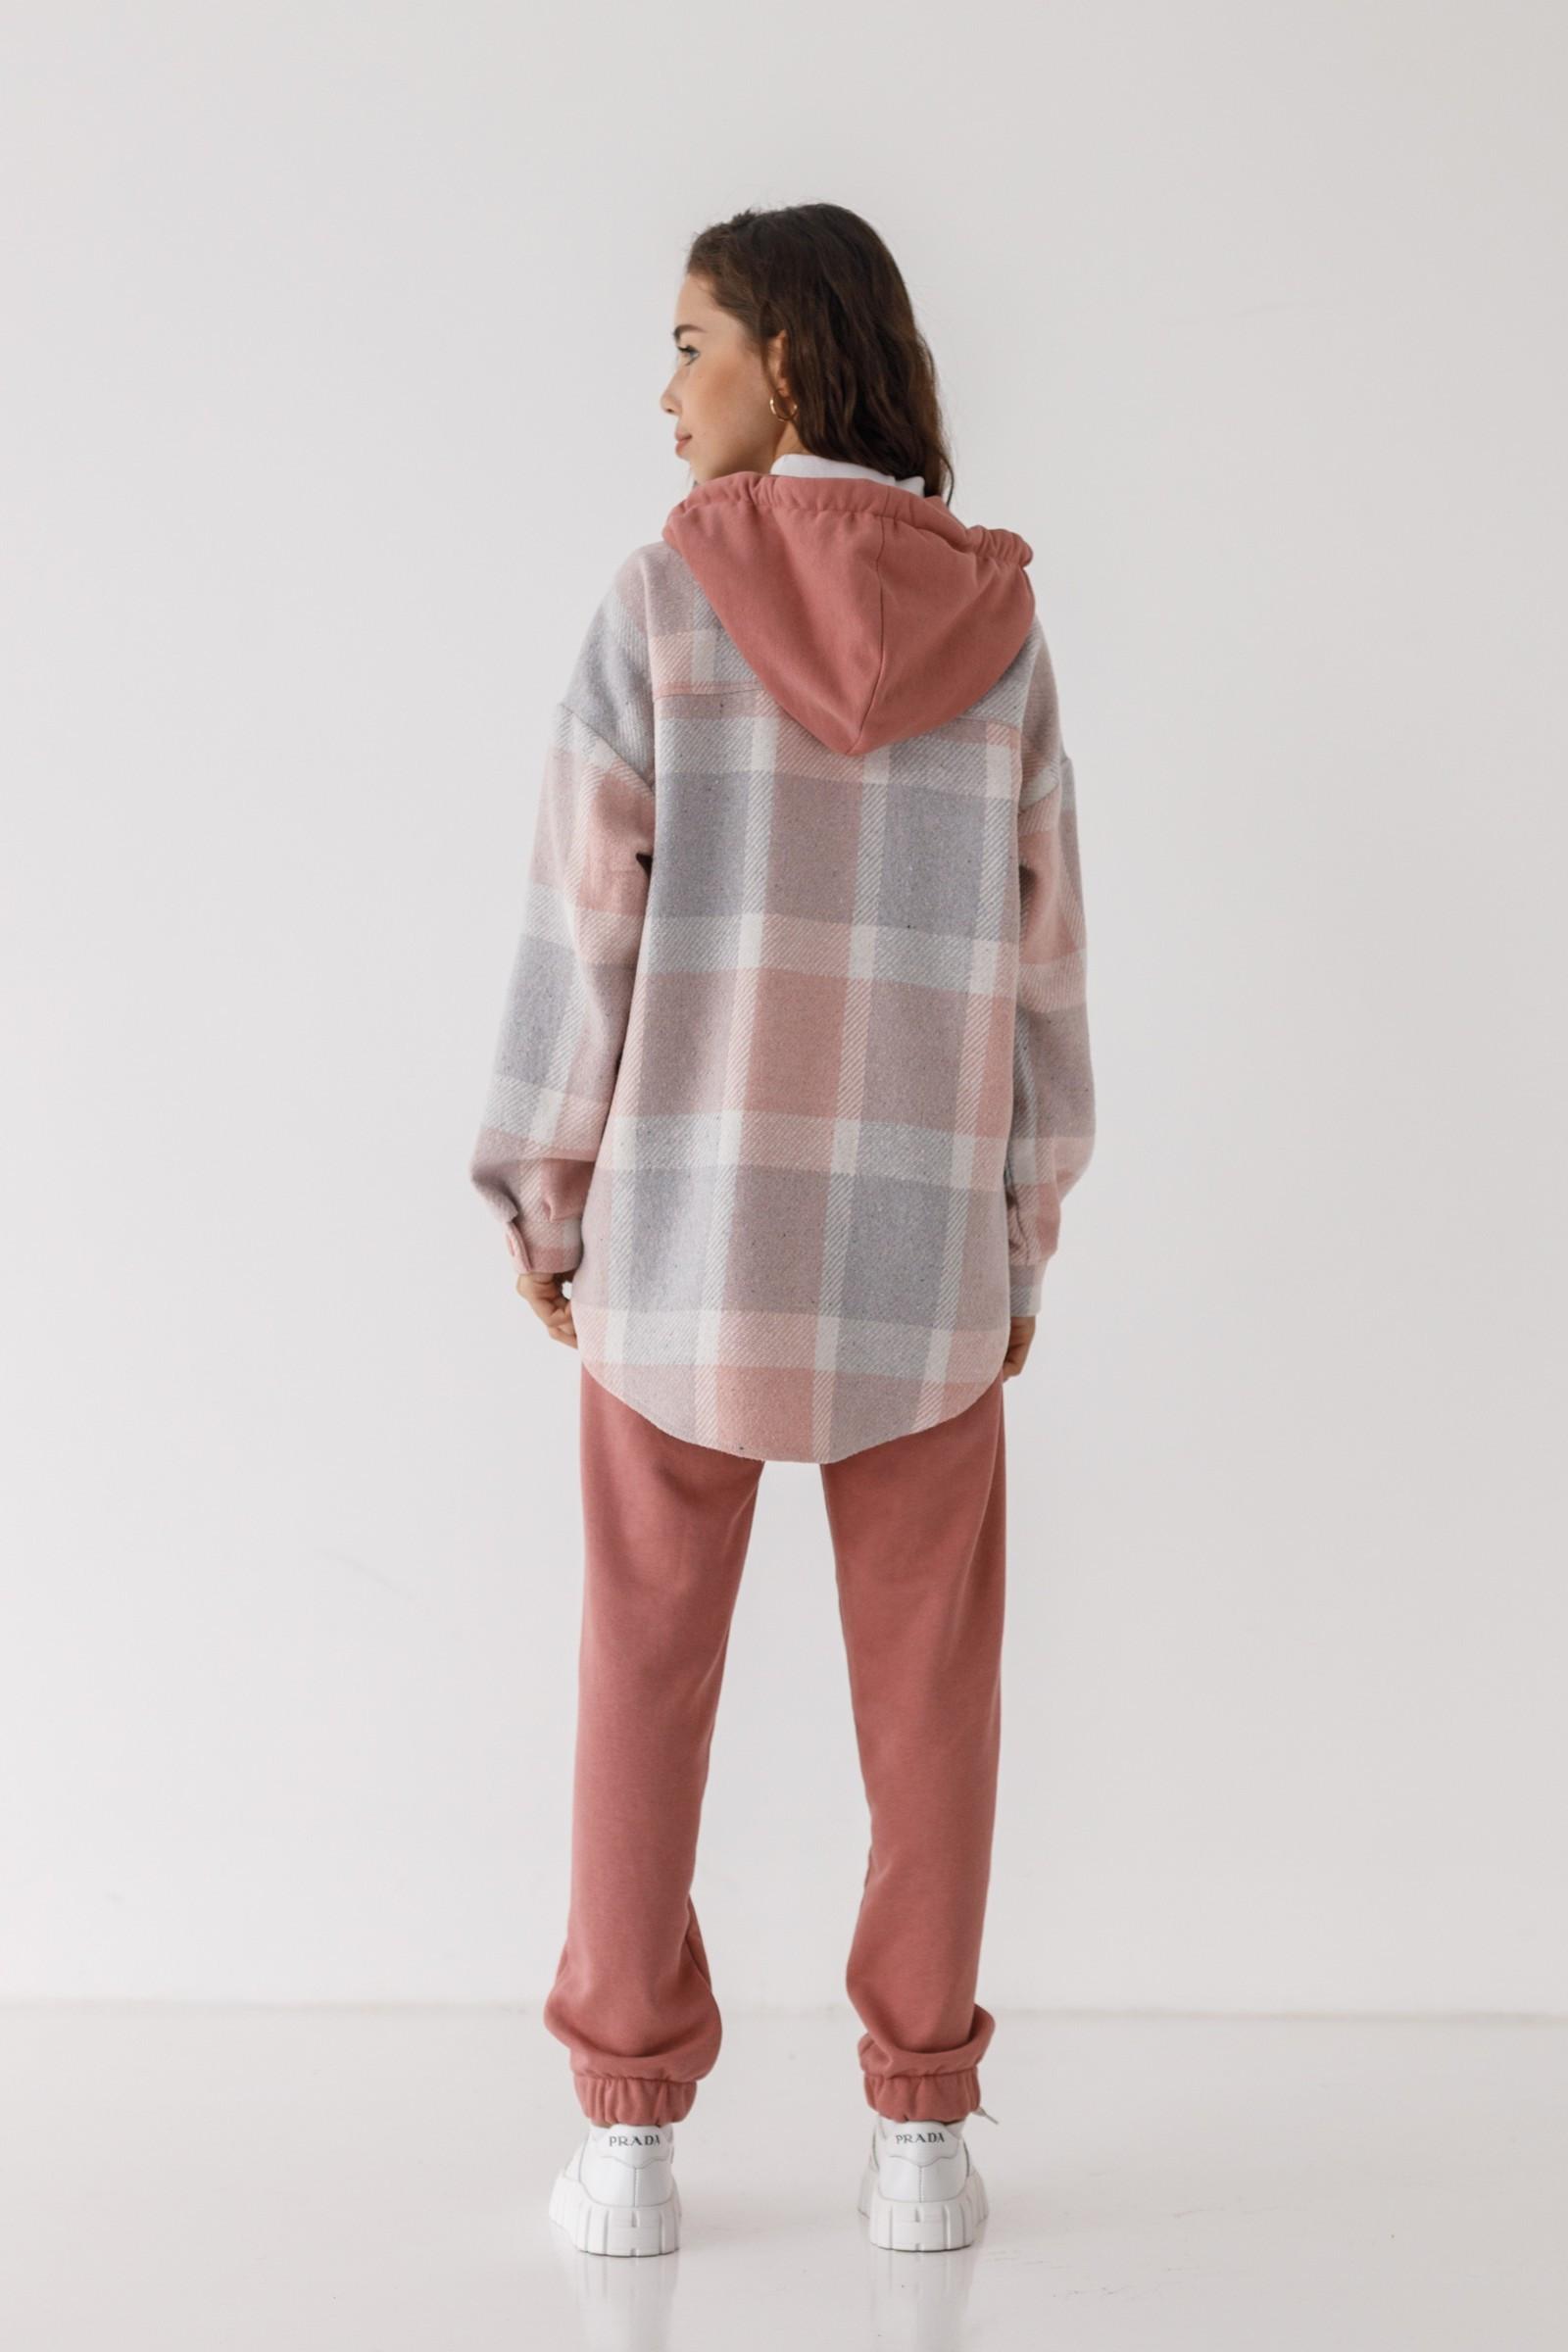 Сорочка Марджи, фото №2